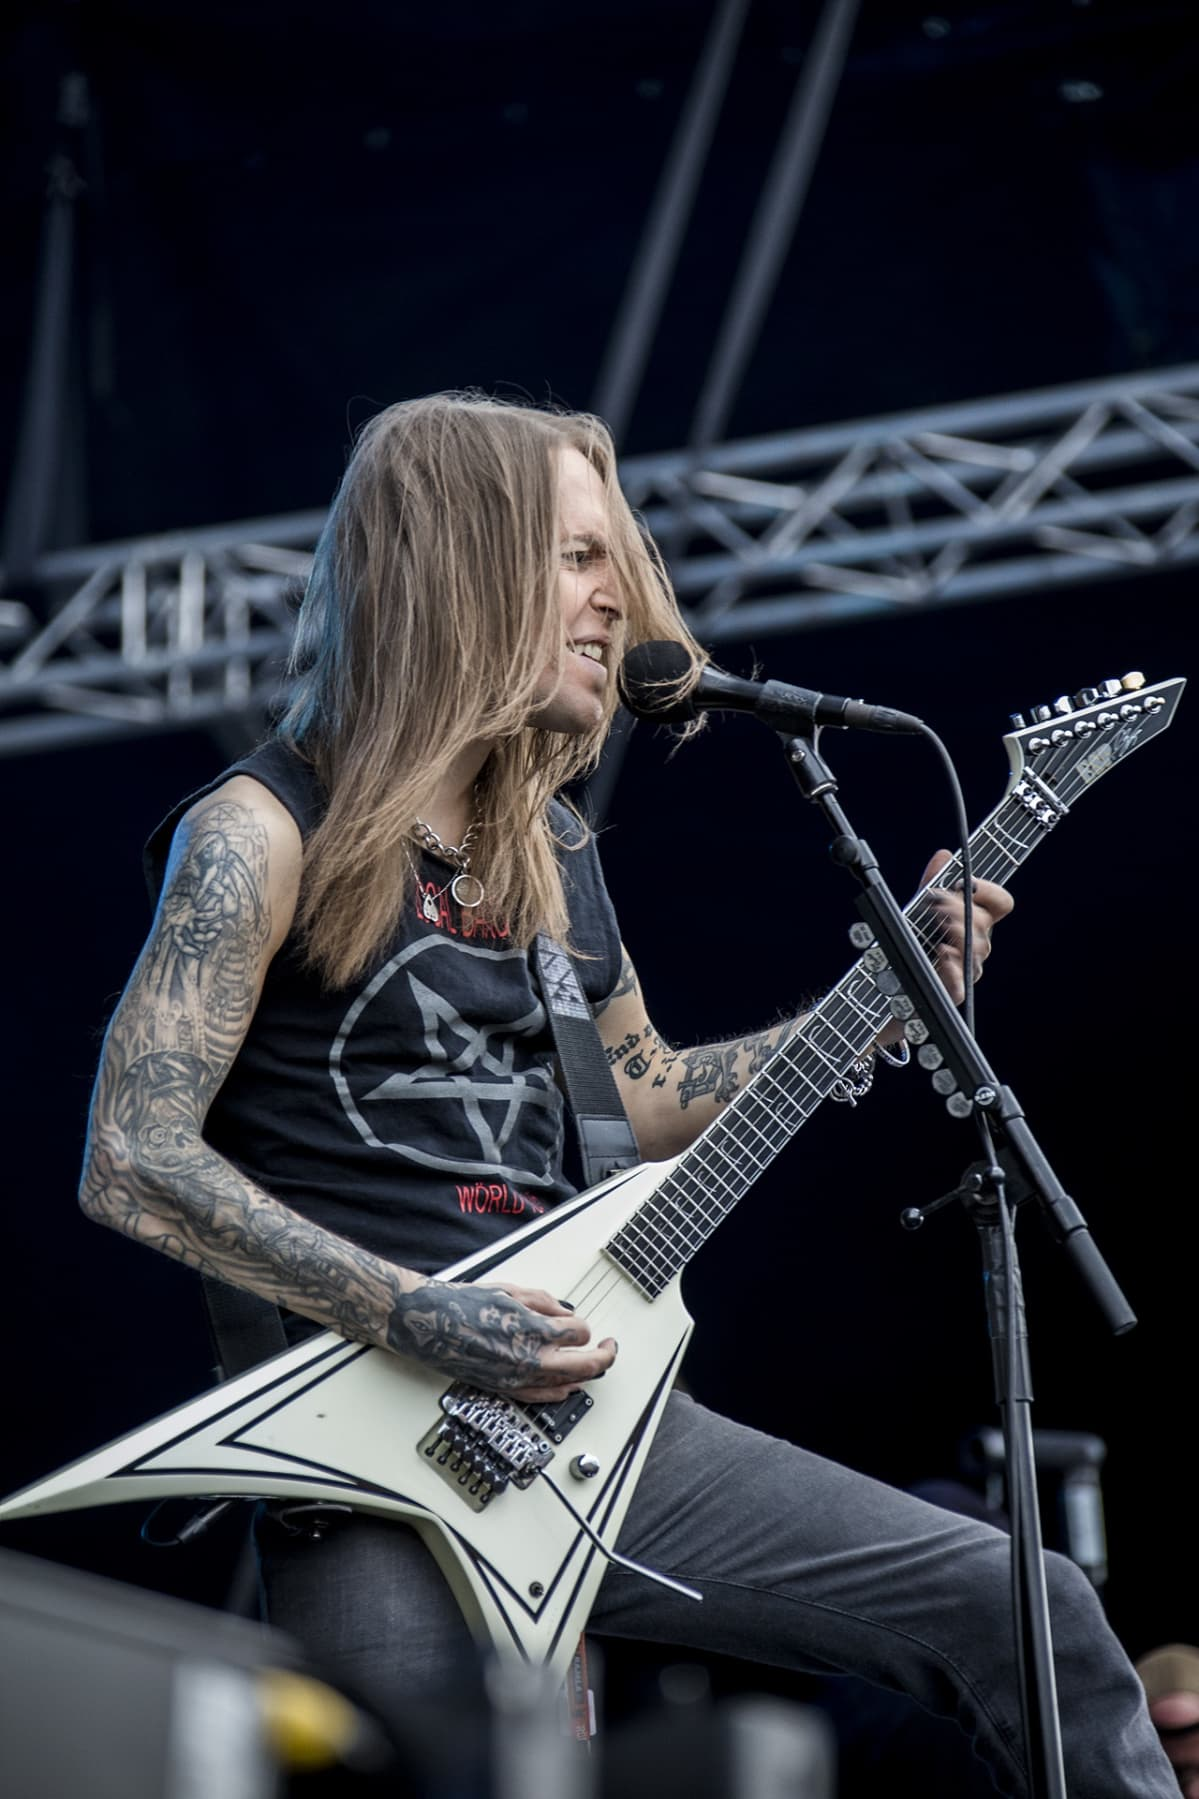 Rockfest, Children of Bodom, Alexi Laiho